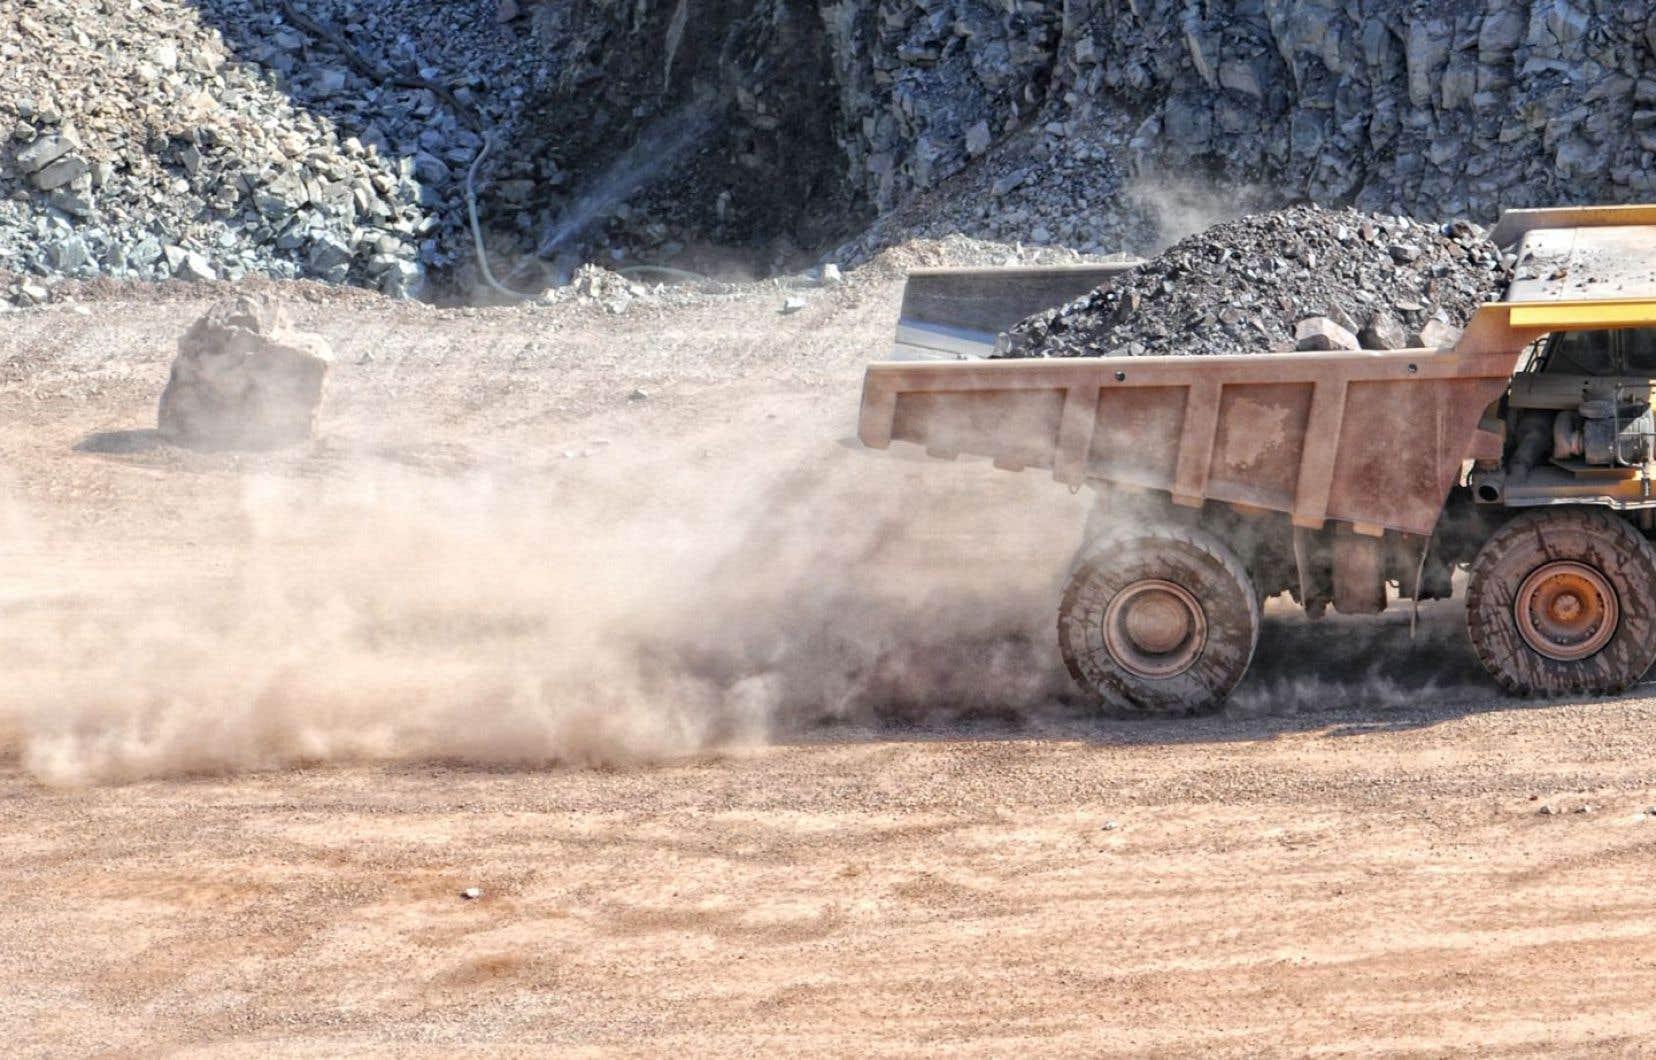 «Avons-nous besoin de toute la pollution que nous offre une mine?» demande Francine Allard.